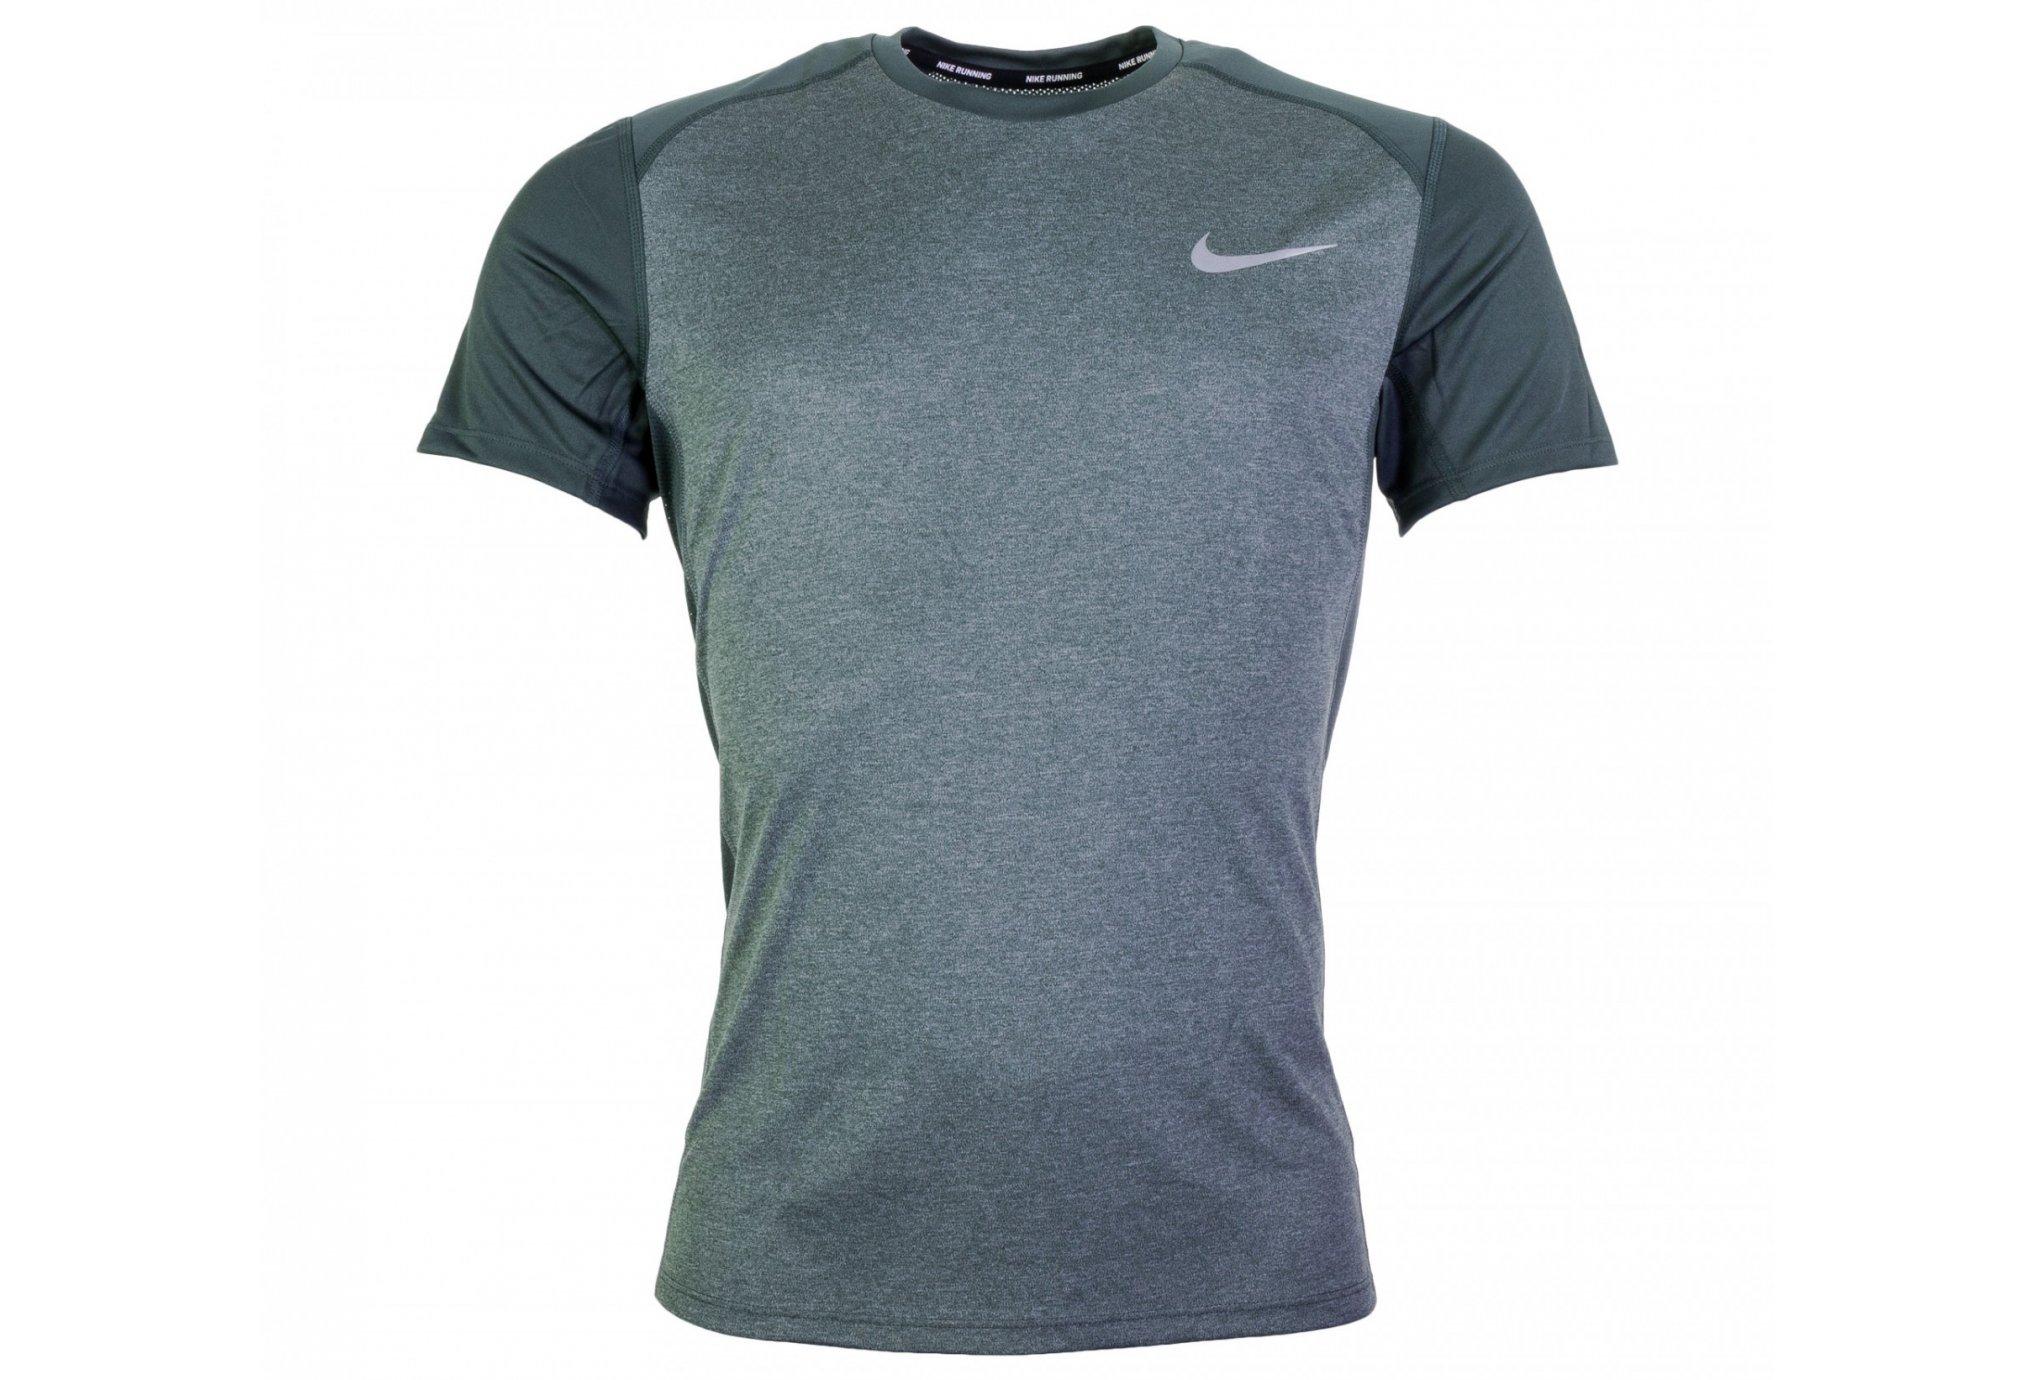 Nike Dry Miler Running M Diététique Vêtements homme